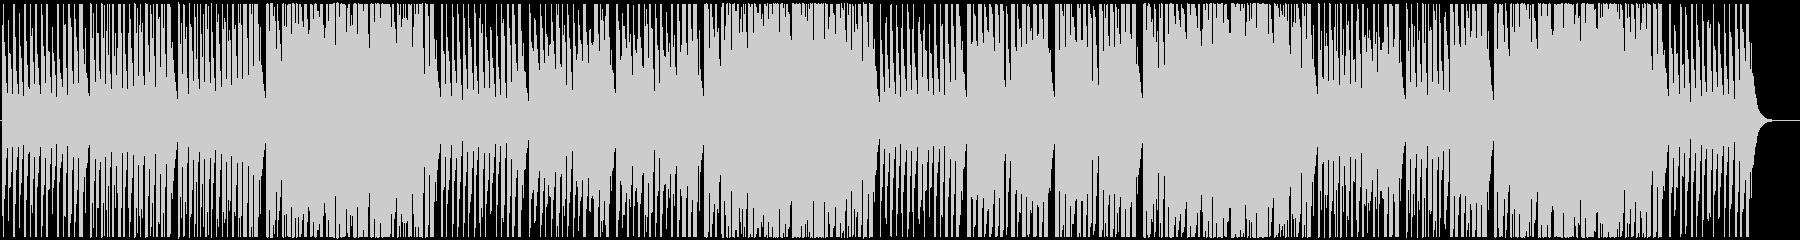 3分クッキング風BGMの未再生の波形